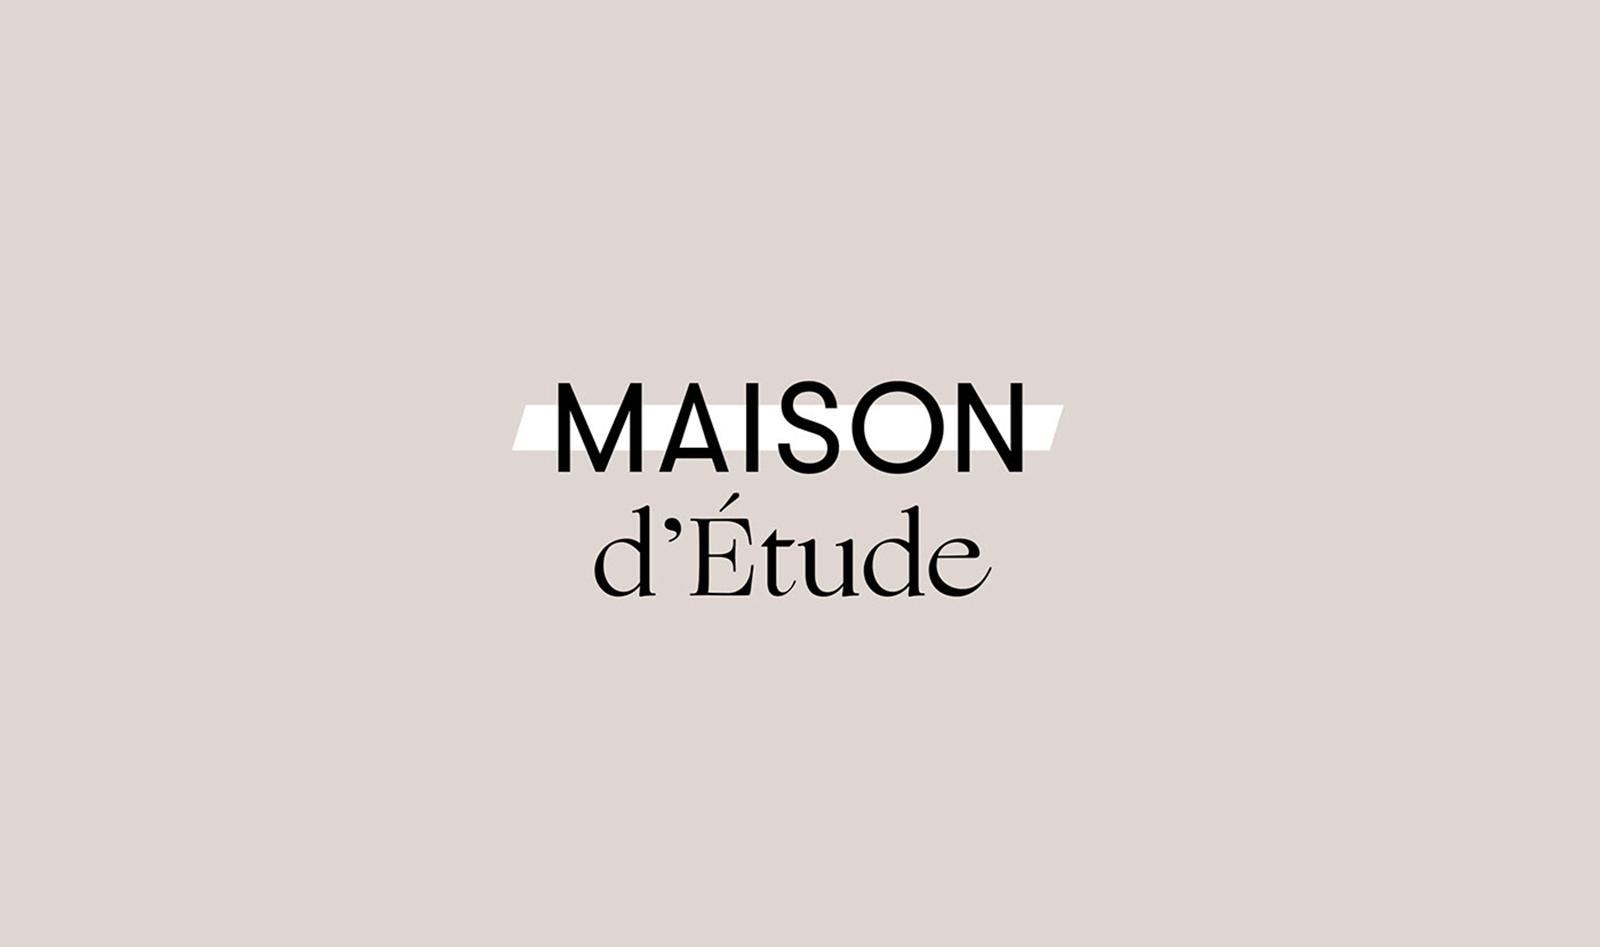 Maison d'Étude 时尚品牌形象设计欣赏-VI设计